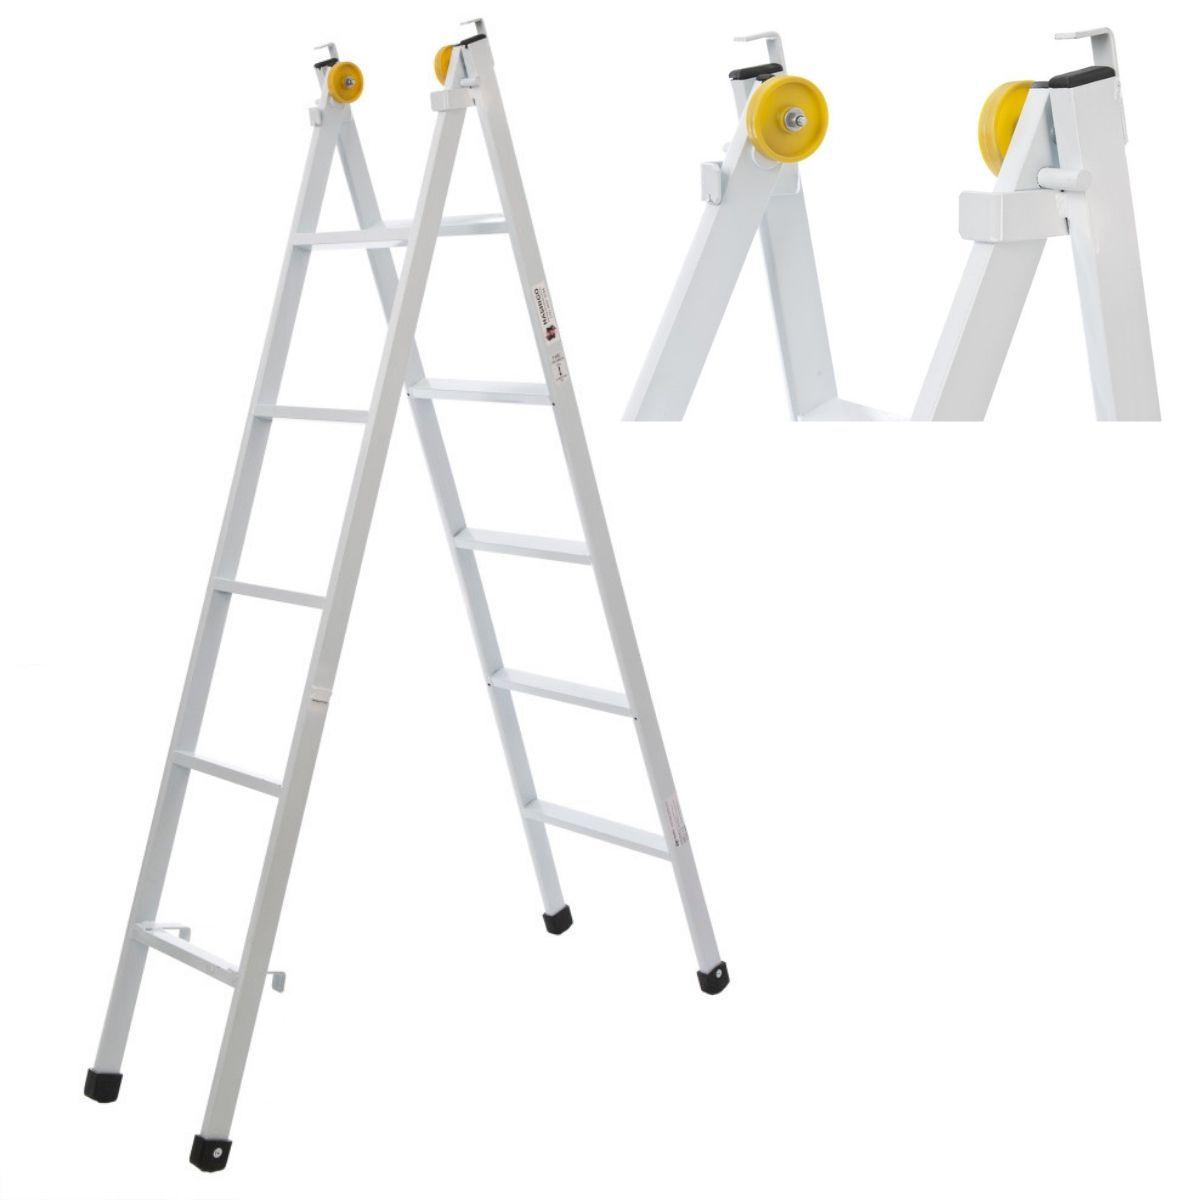 Escada Extensiva 10 Degraus De Aço Com Rodas De Deslizamento 5,0M Hashigo - 10D - H-066